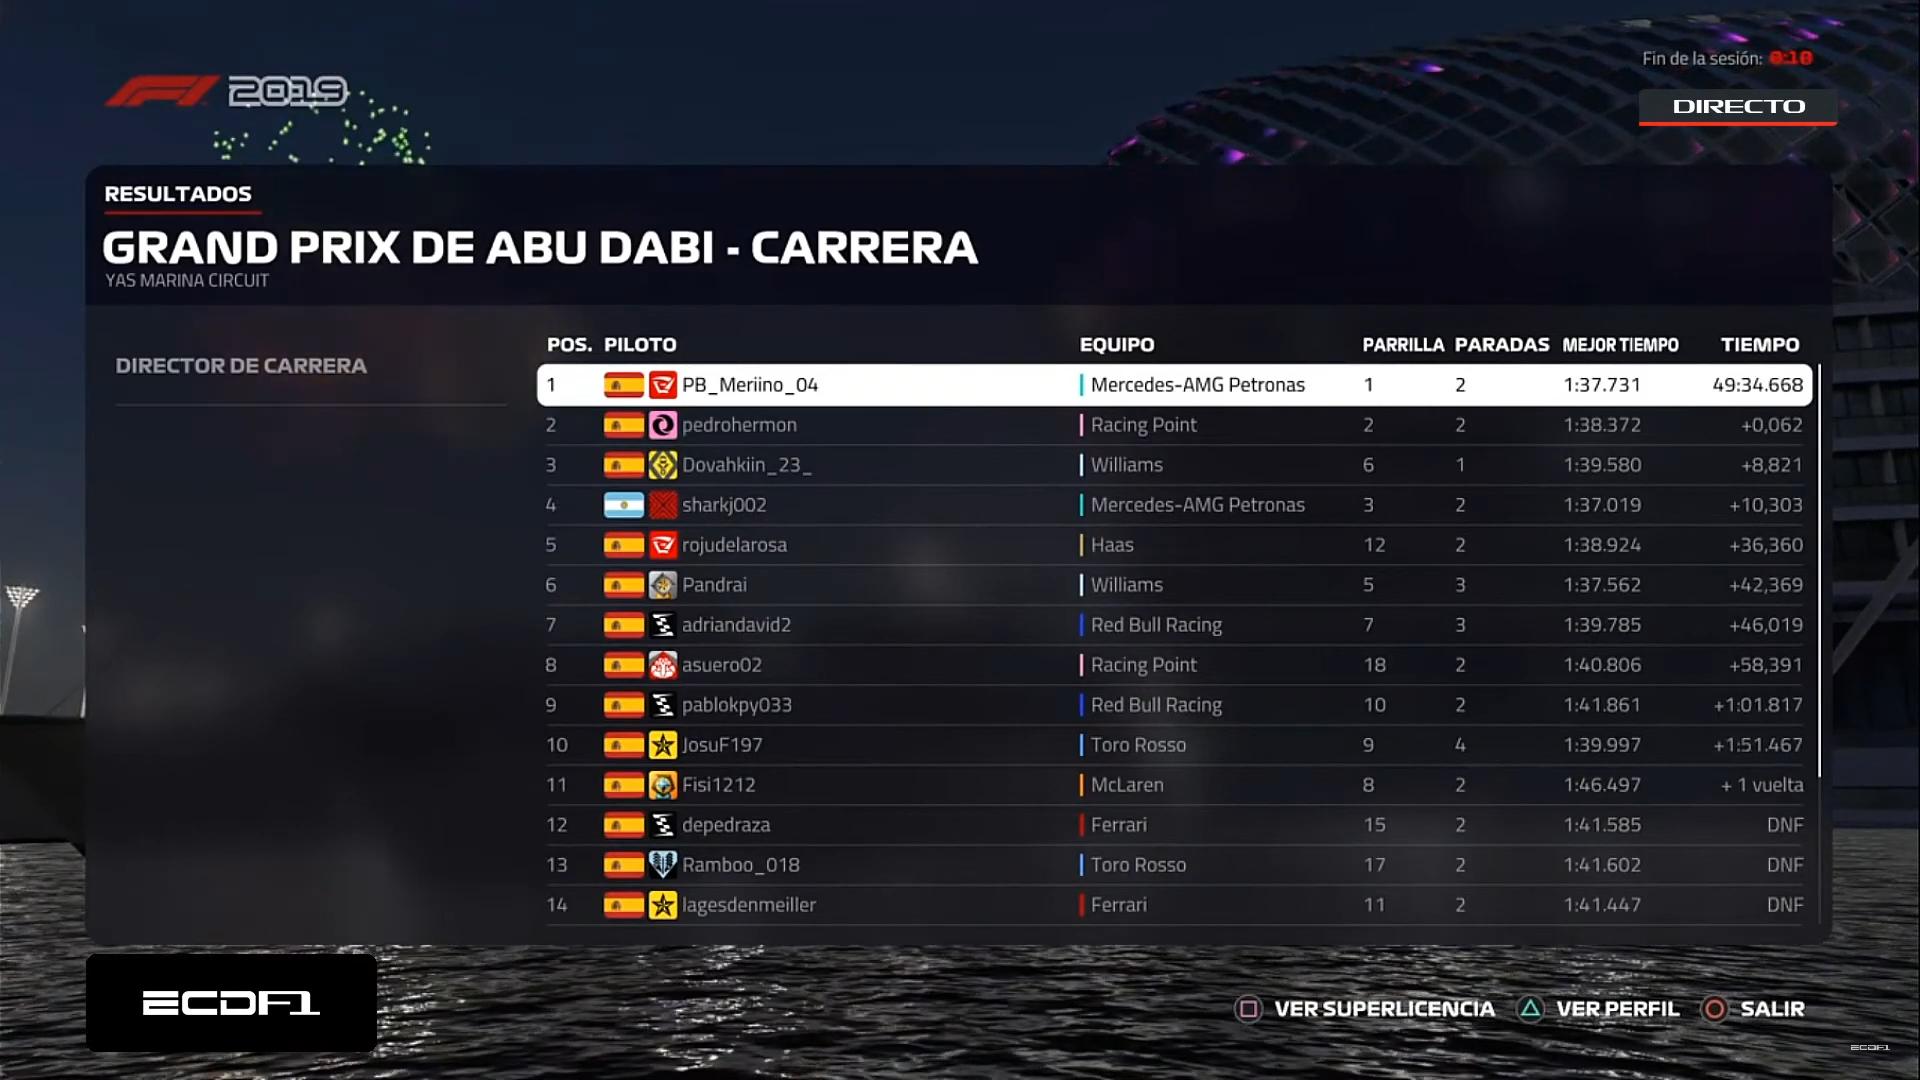 Resultados Gran Premio de Abu Dhabi (F1 2019 PS4 T15) Image